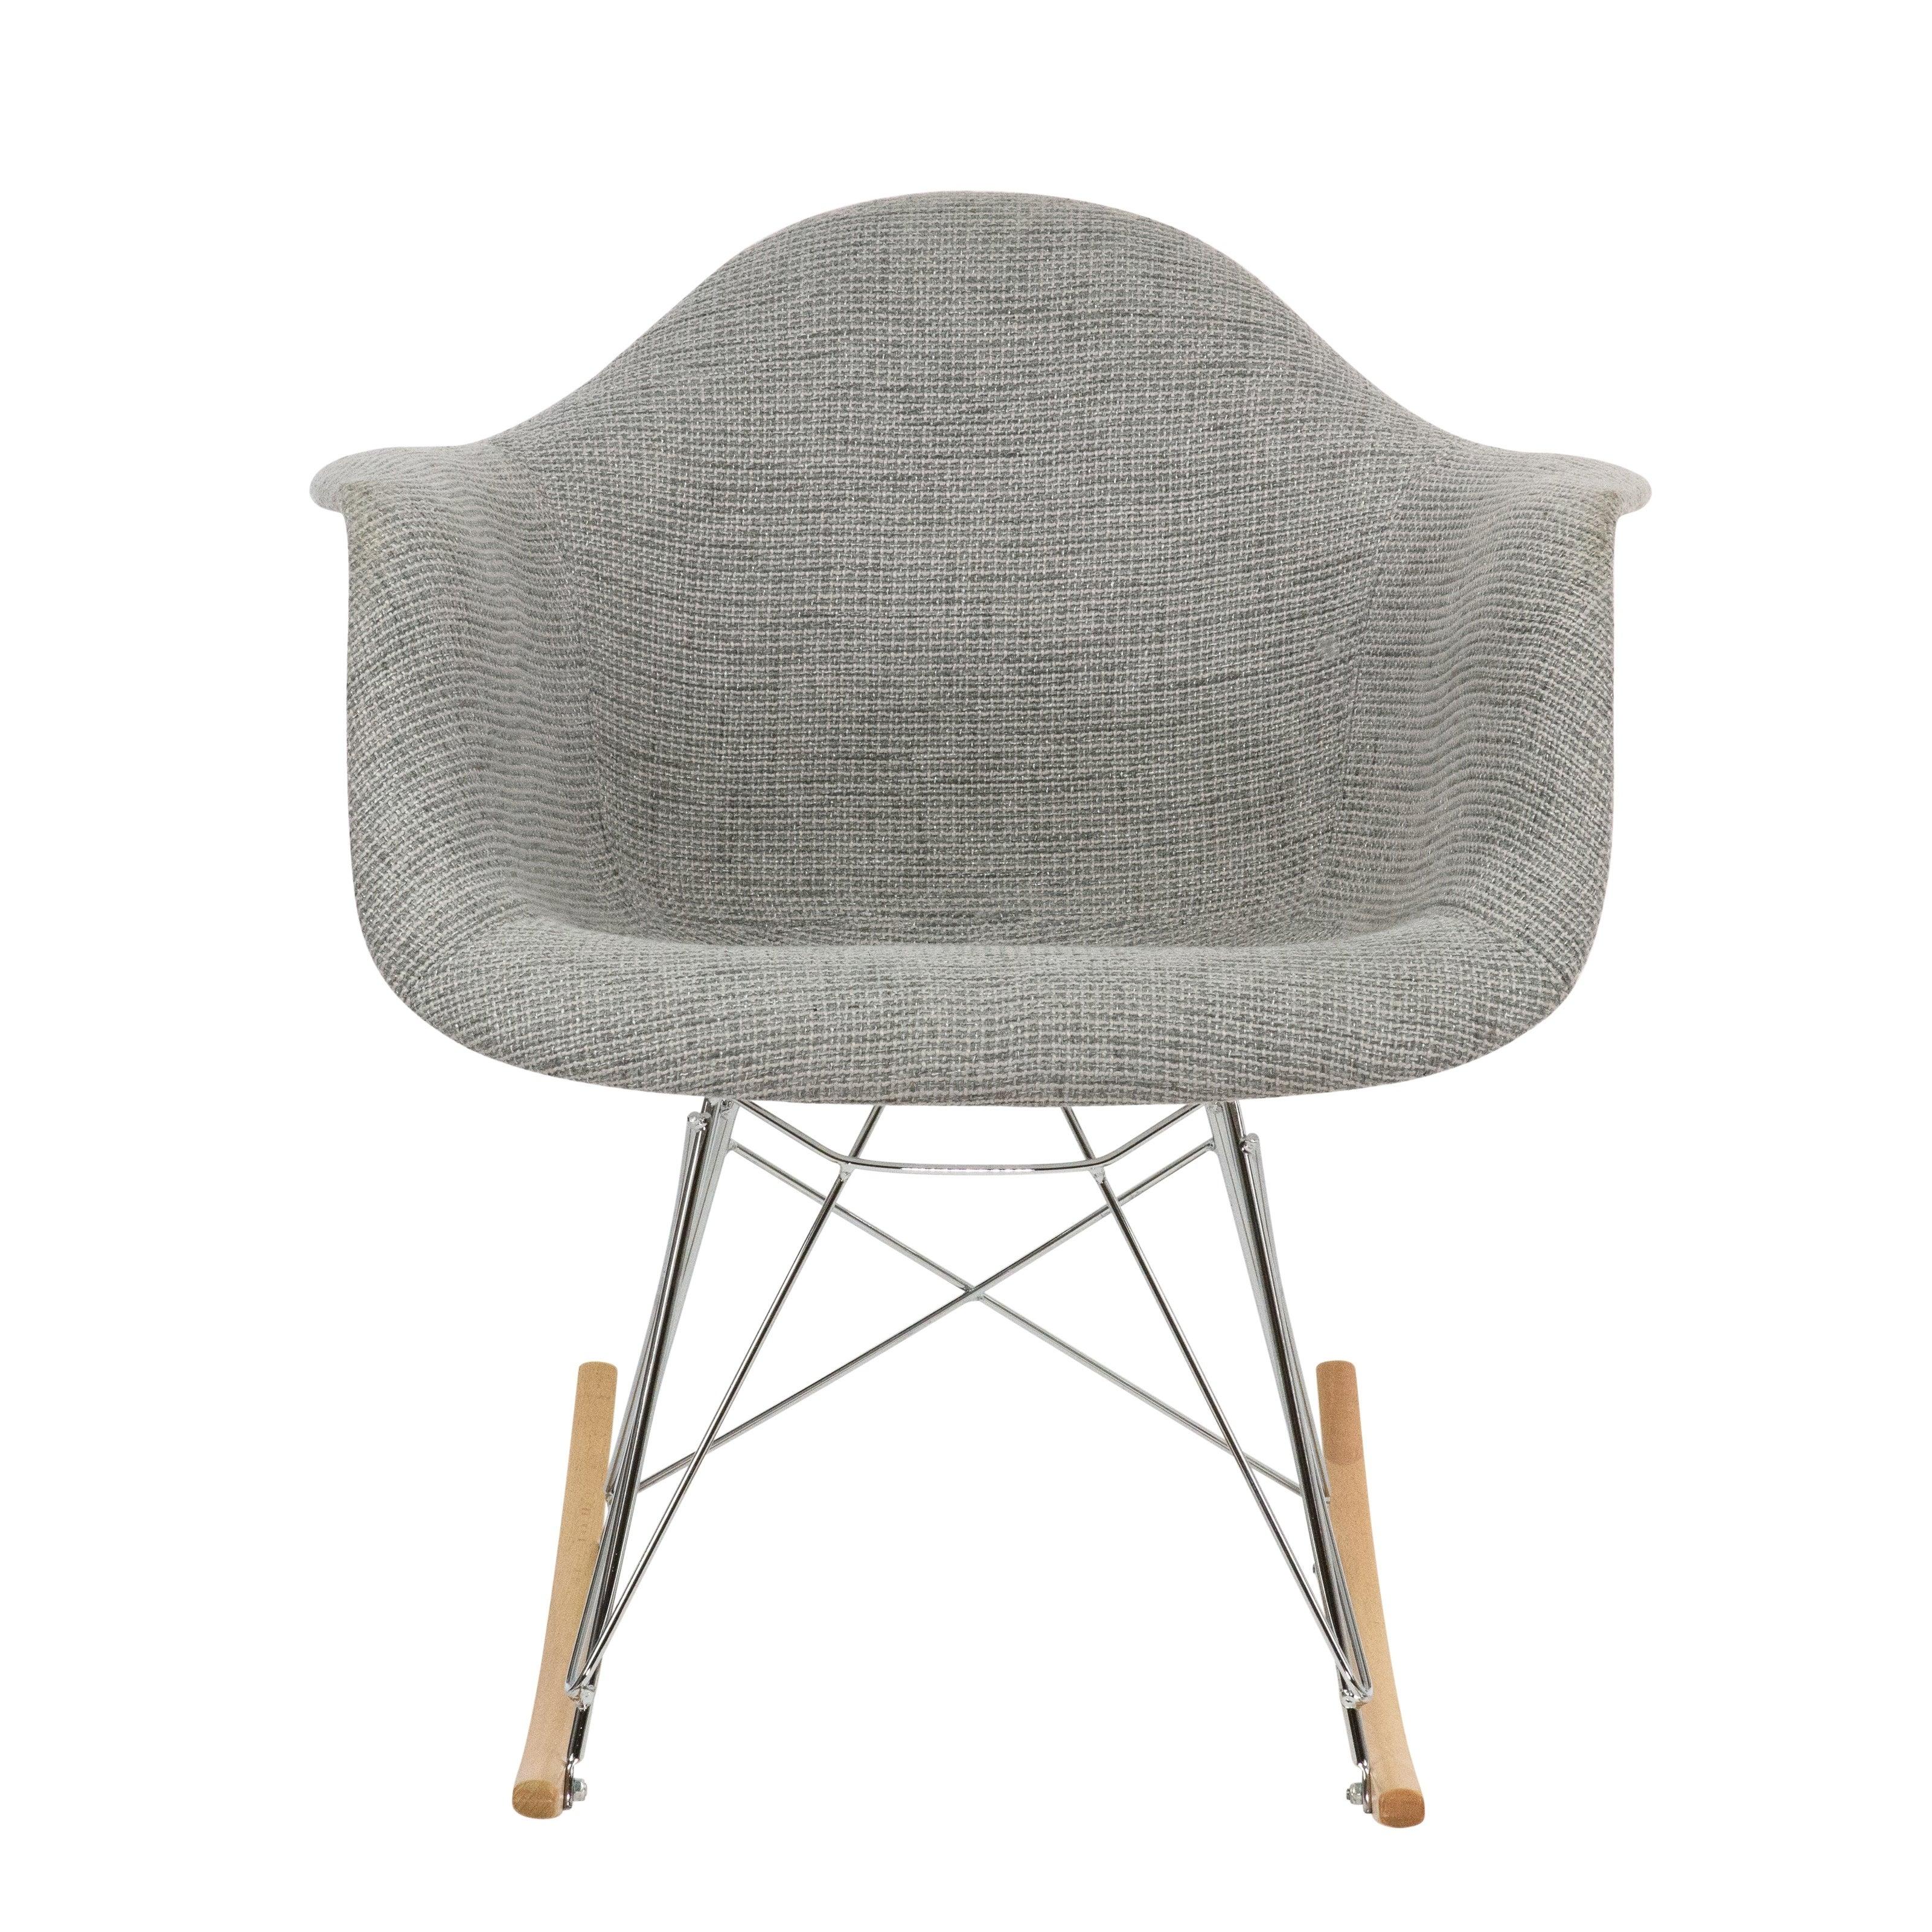 Leisuremod Wilson Twill Fabric Grey Rocking Chair W/ Eiffel Legs With Twill Fabric Multi Rocking Chairs With Eiffel Legs (View 9 of 20)